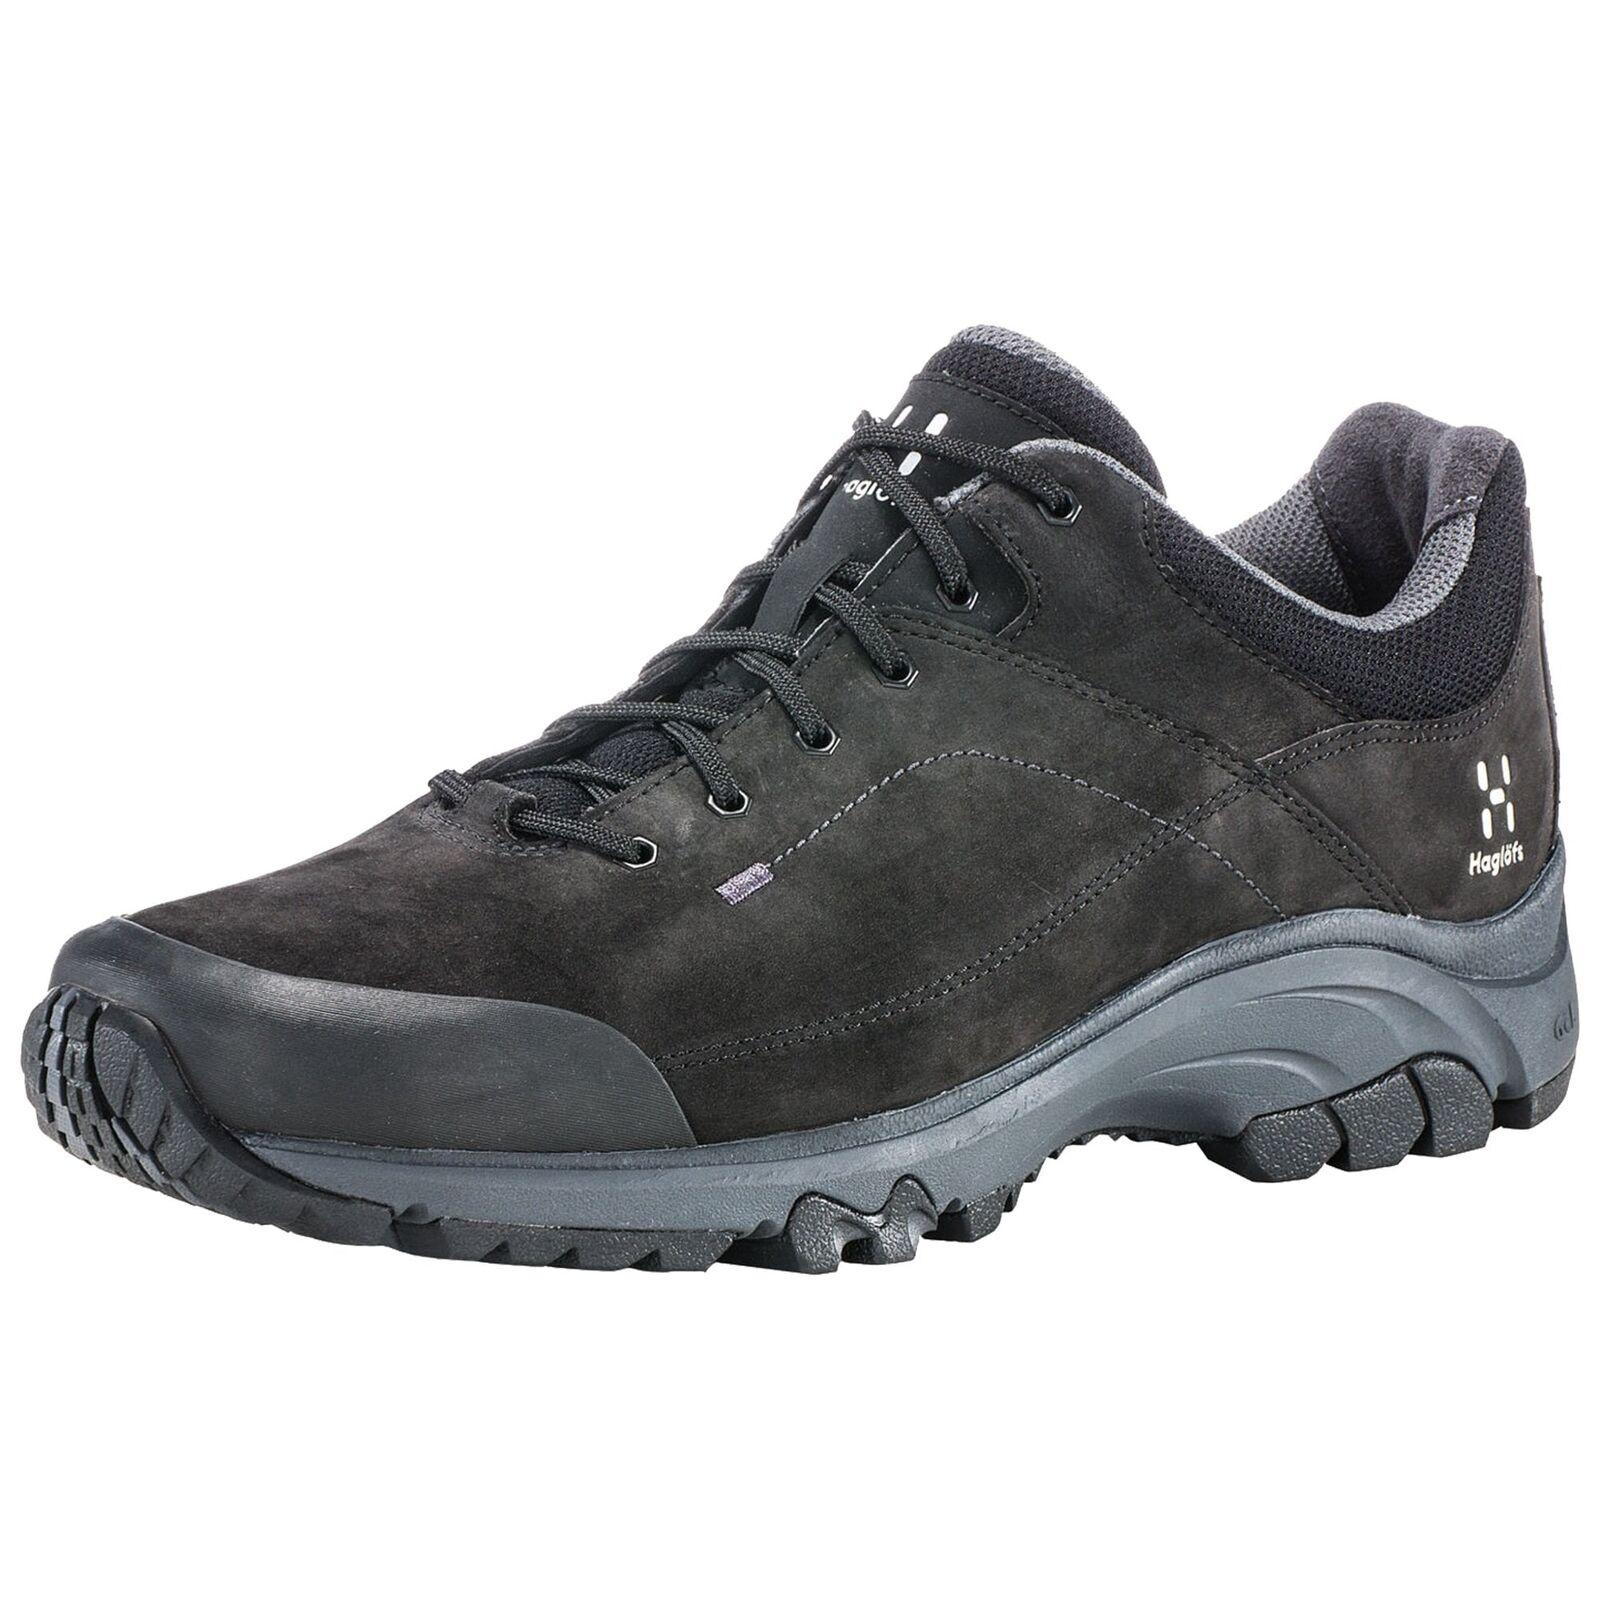 Haglofs Para Hombre Ridge Baja Zapatos  Para Caminar  Hay más marcas de productos de alta calidad.